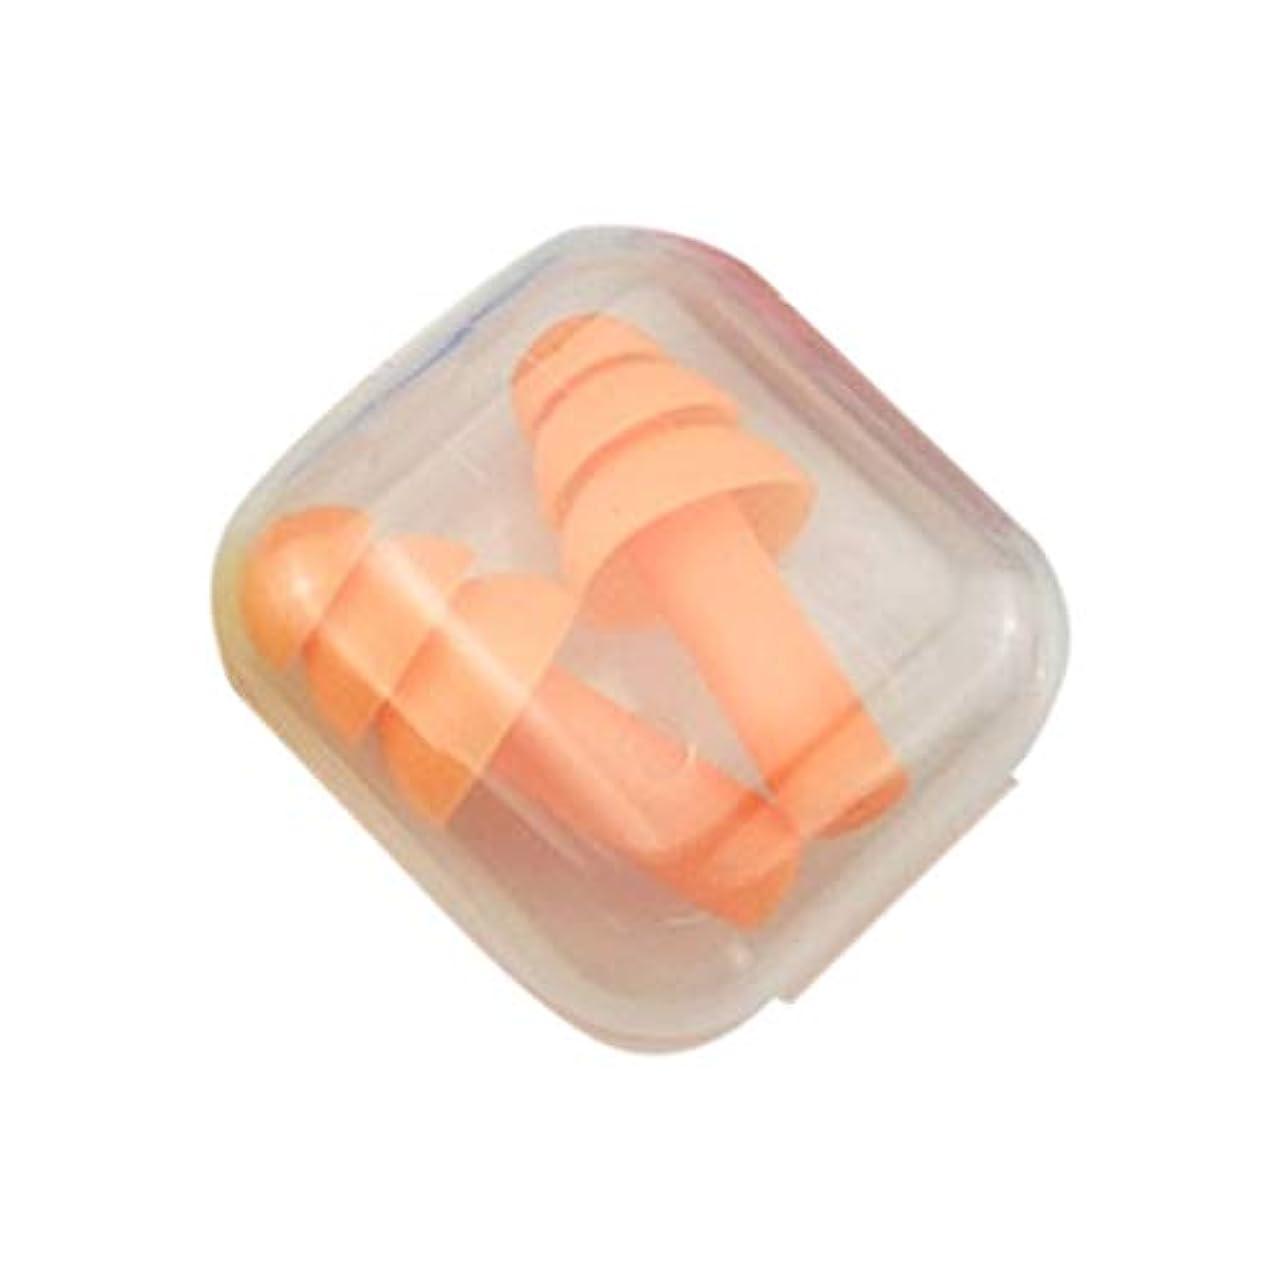 歩行者バケツ韓国語柔らかいシリコーンの耳栓遮音用耳の保護用の耳栓防音睡眠ボックス付き収納ボックス - オレンジ